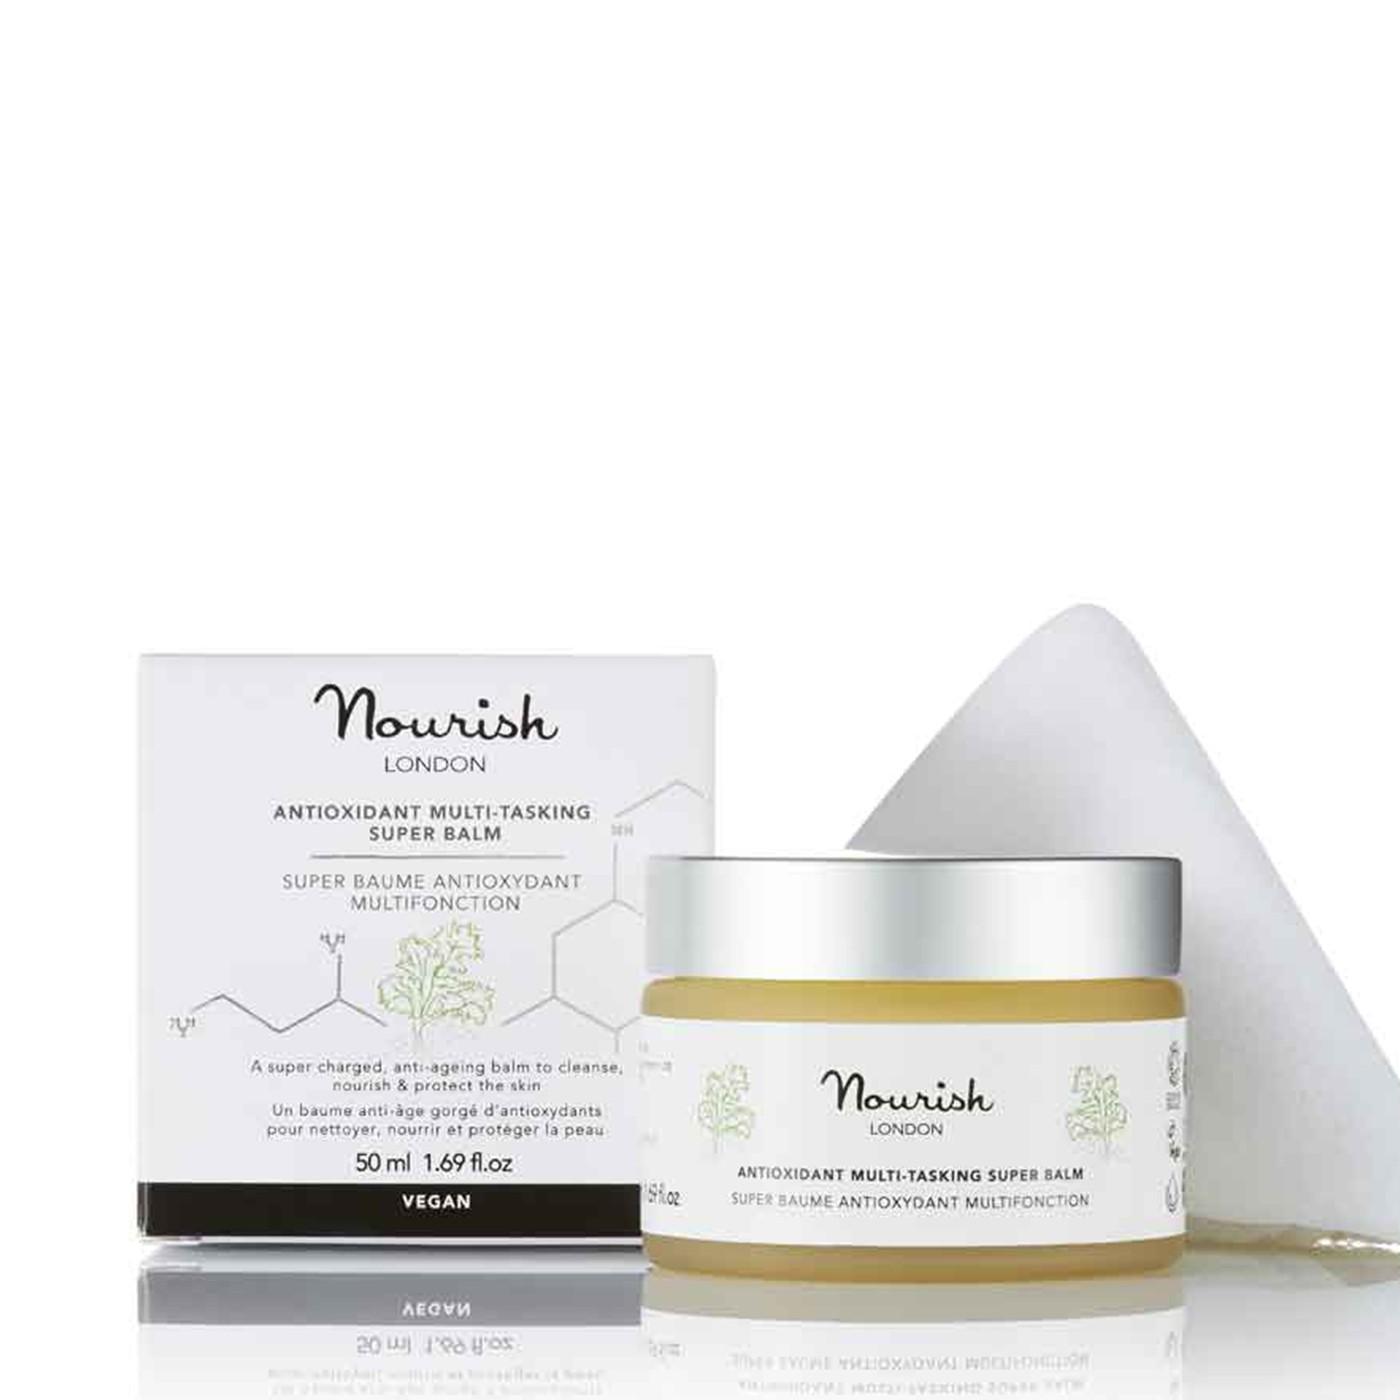 Bálsamo antioxidante 3 en 1 de Nourish London 50ml